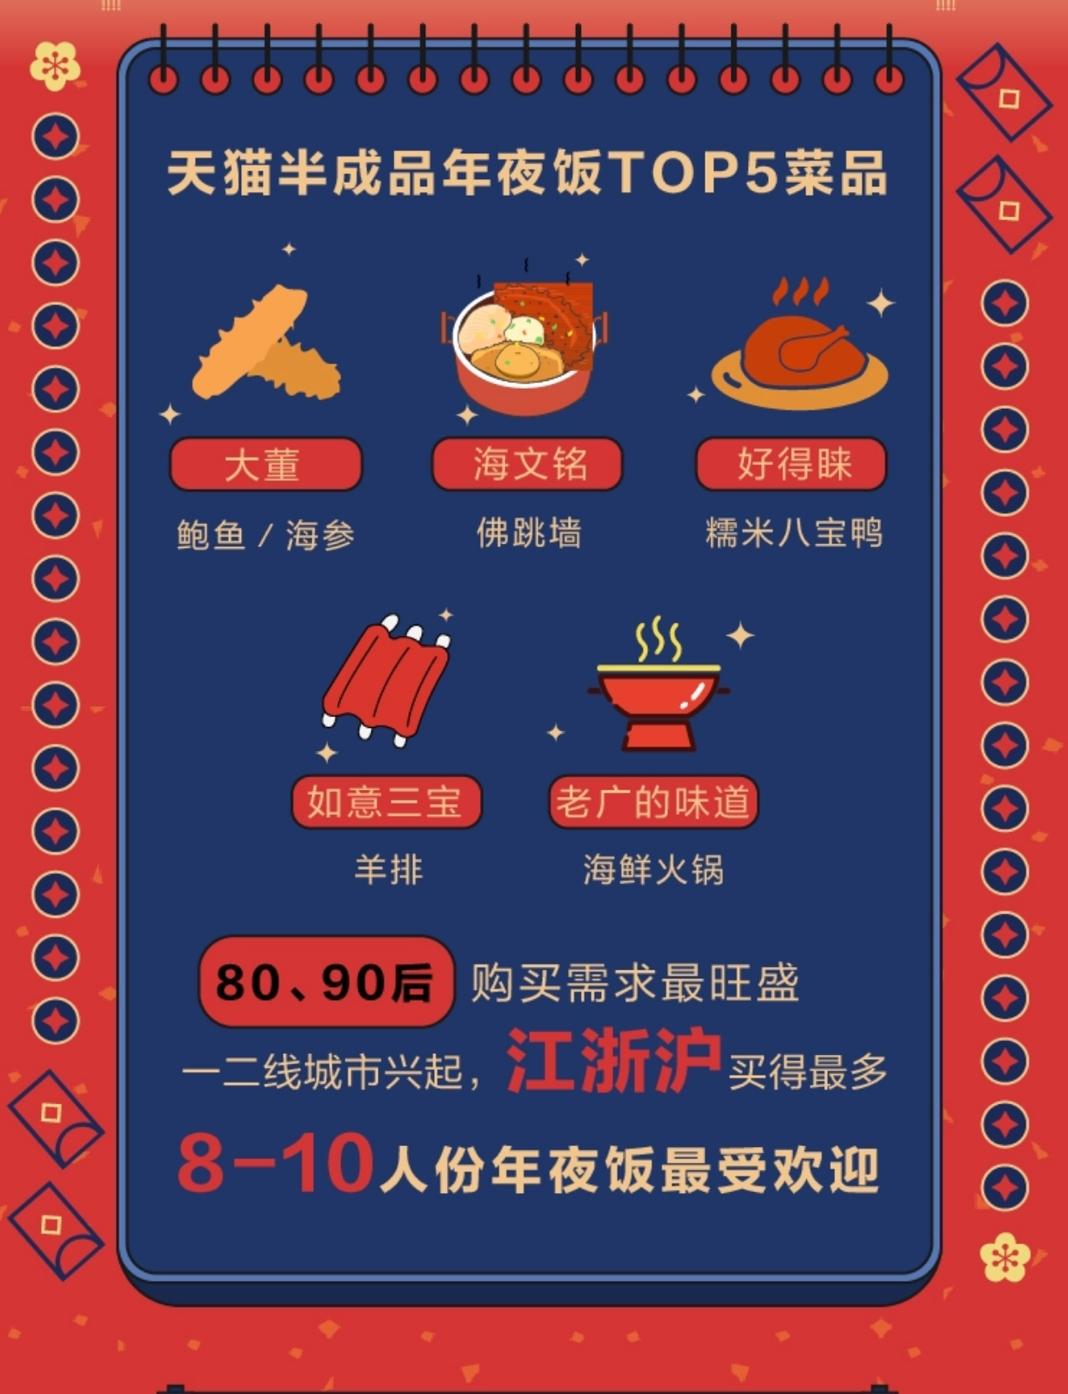 年夜饭新吃法:天猫数据称半成品年夜饭销量增长16倍